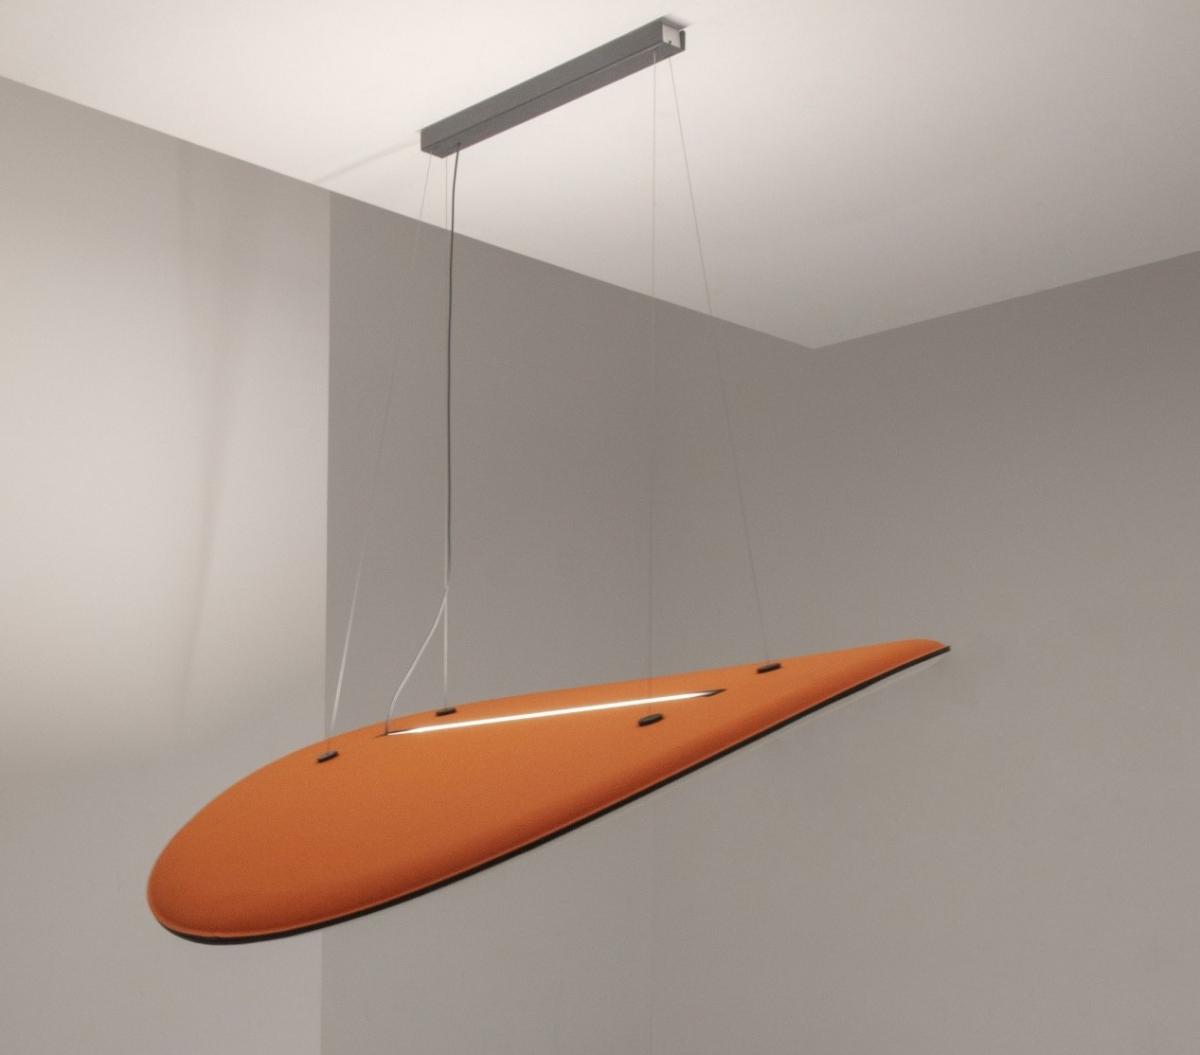 Oprawy oświetleniowe – sprytny sposób na redukcję szumu i hałasu